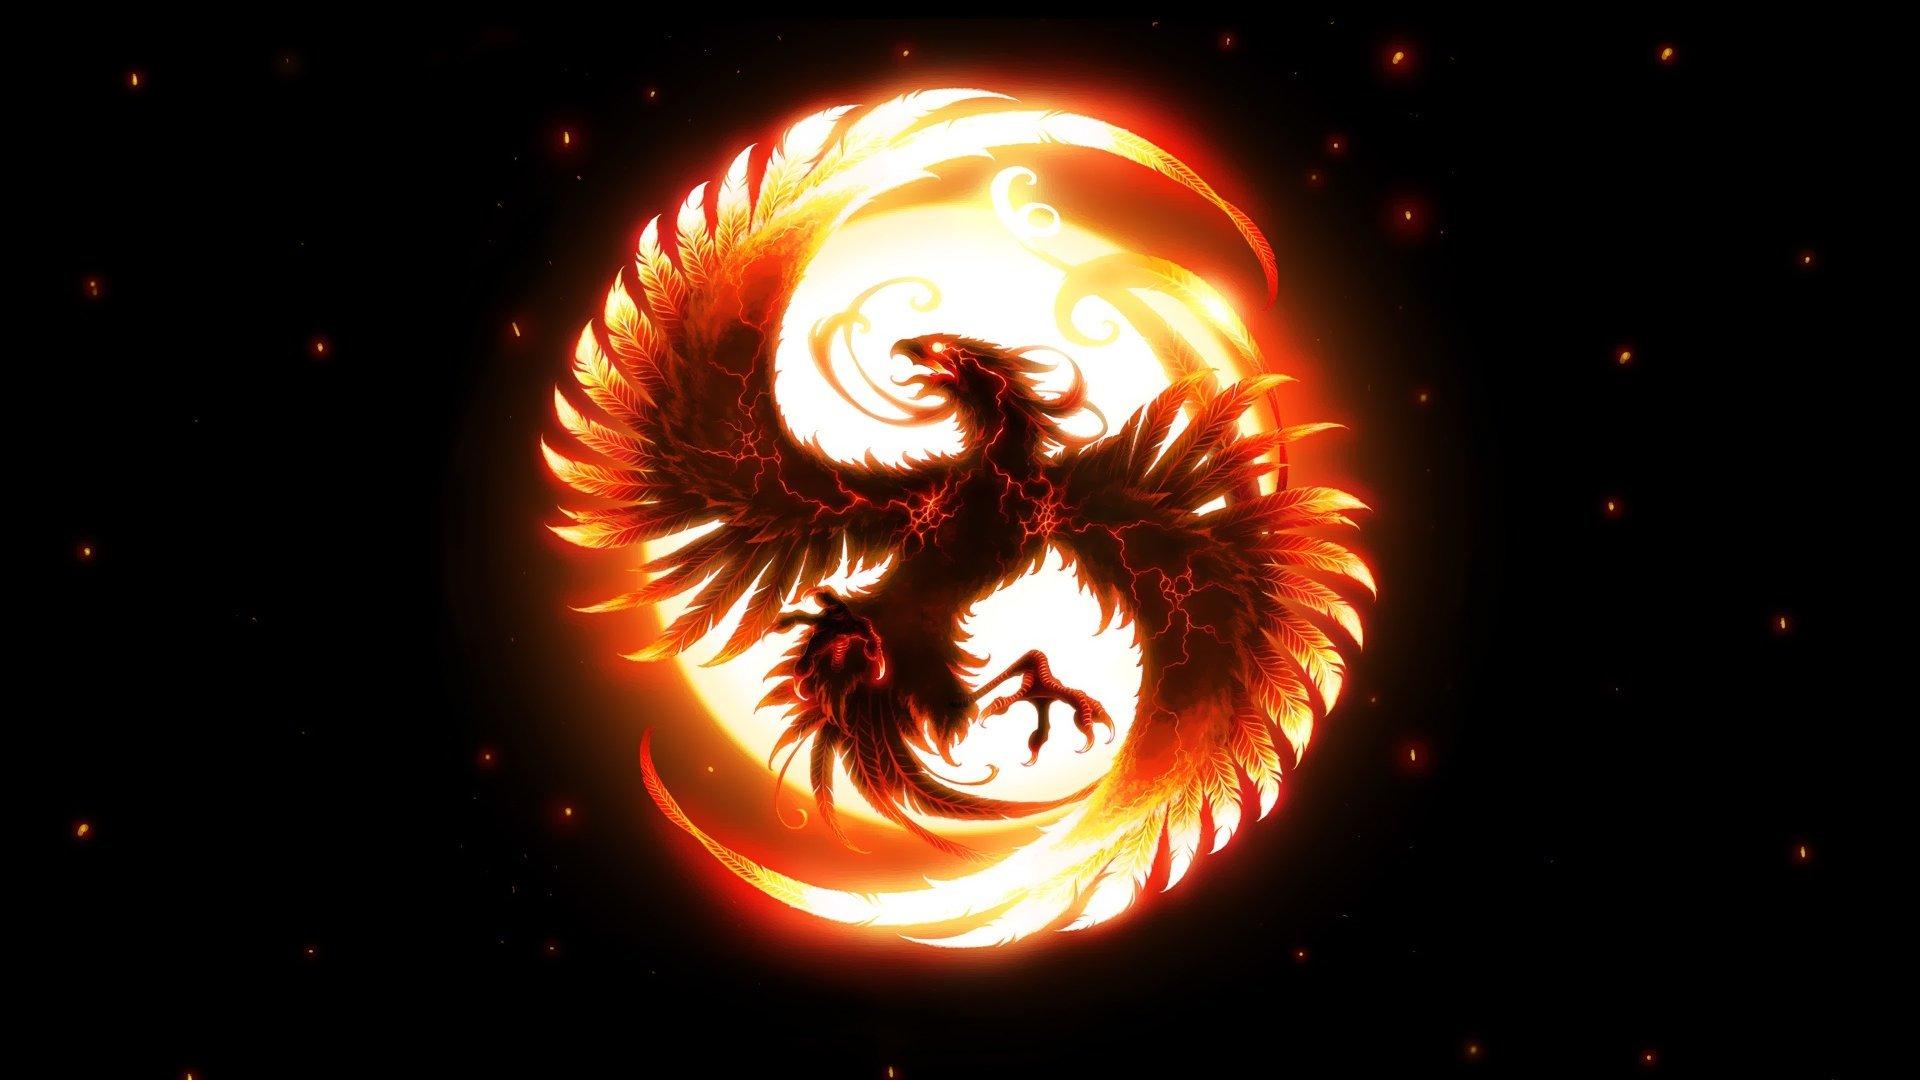 Wings Of Fire Wallpaper Desktop